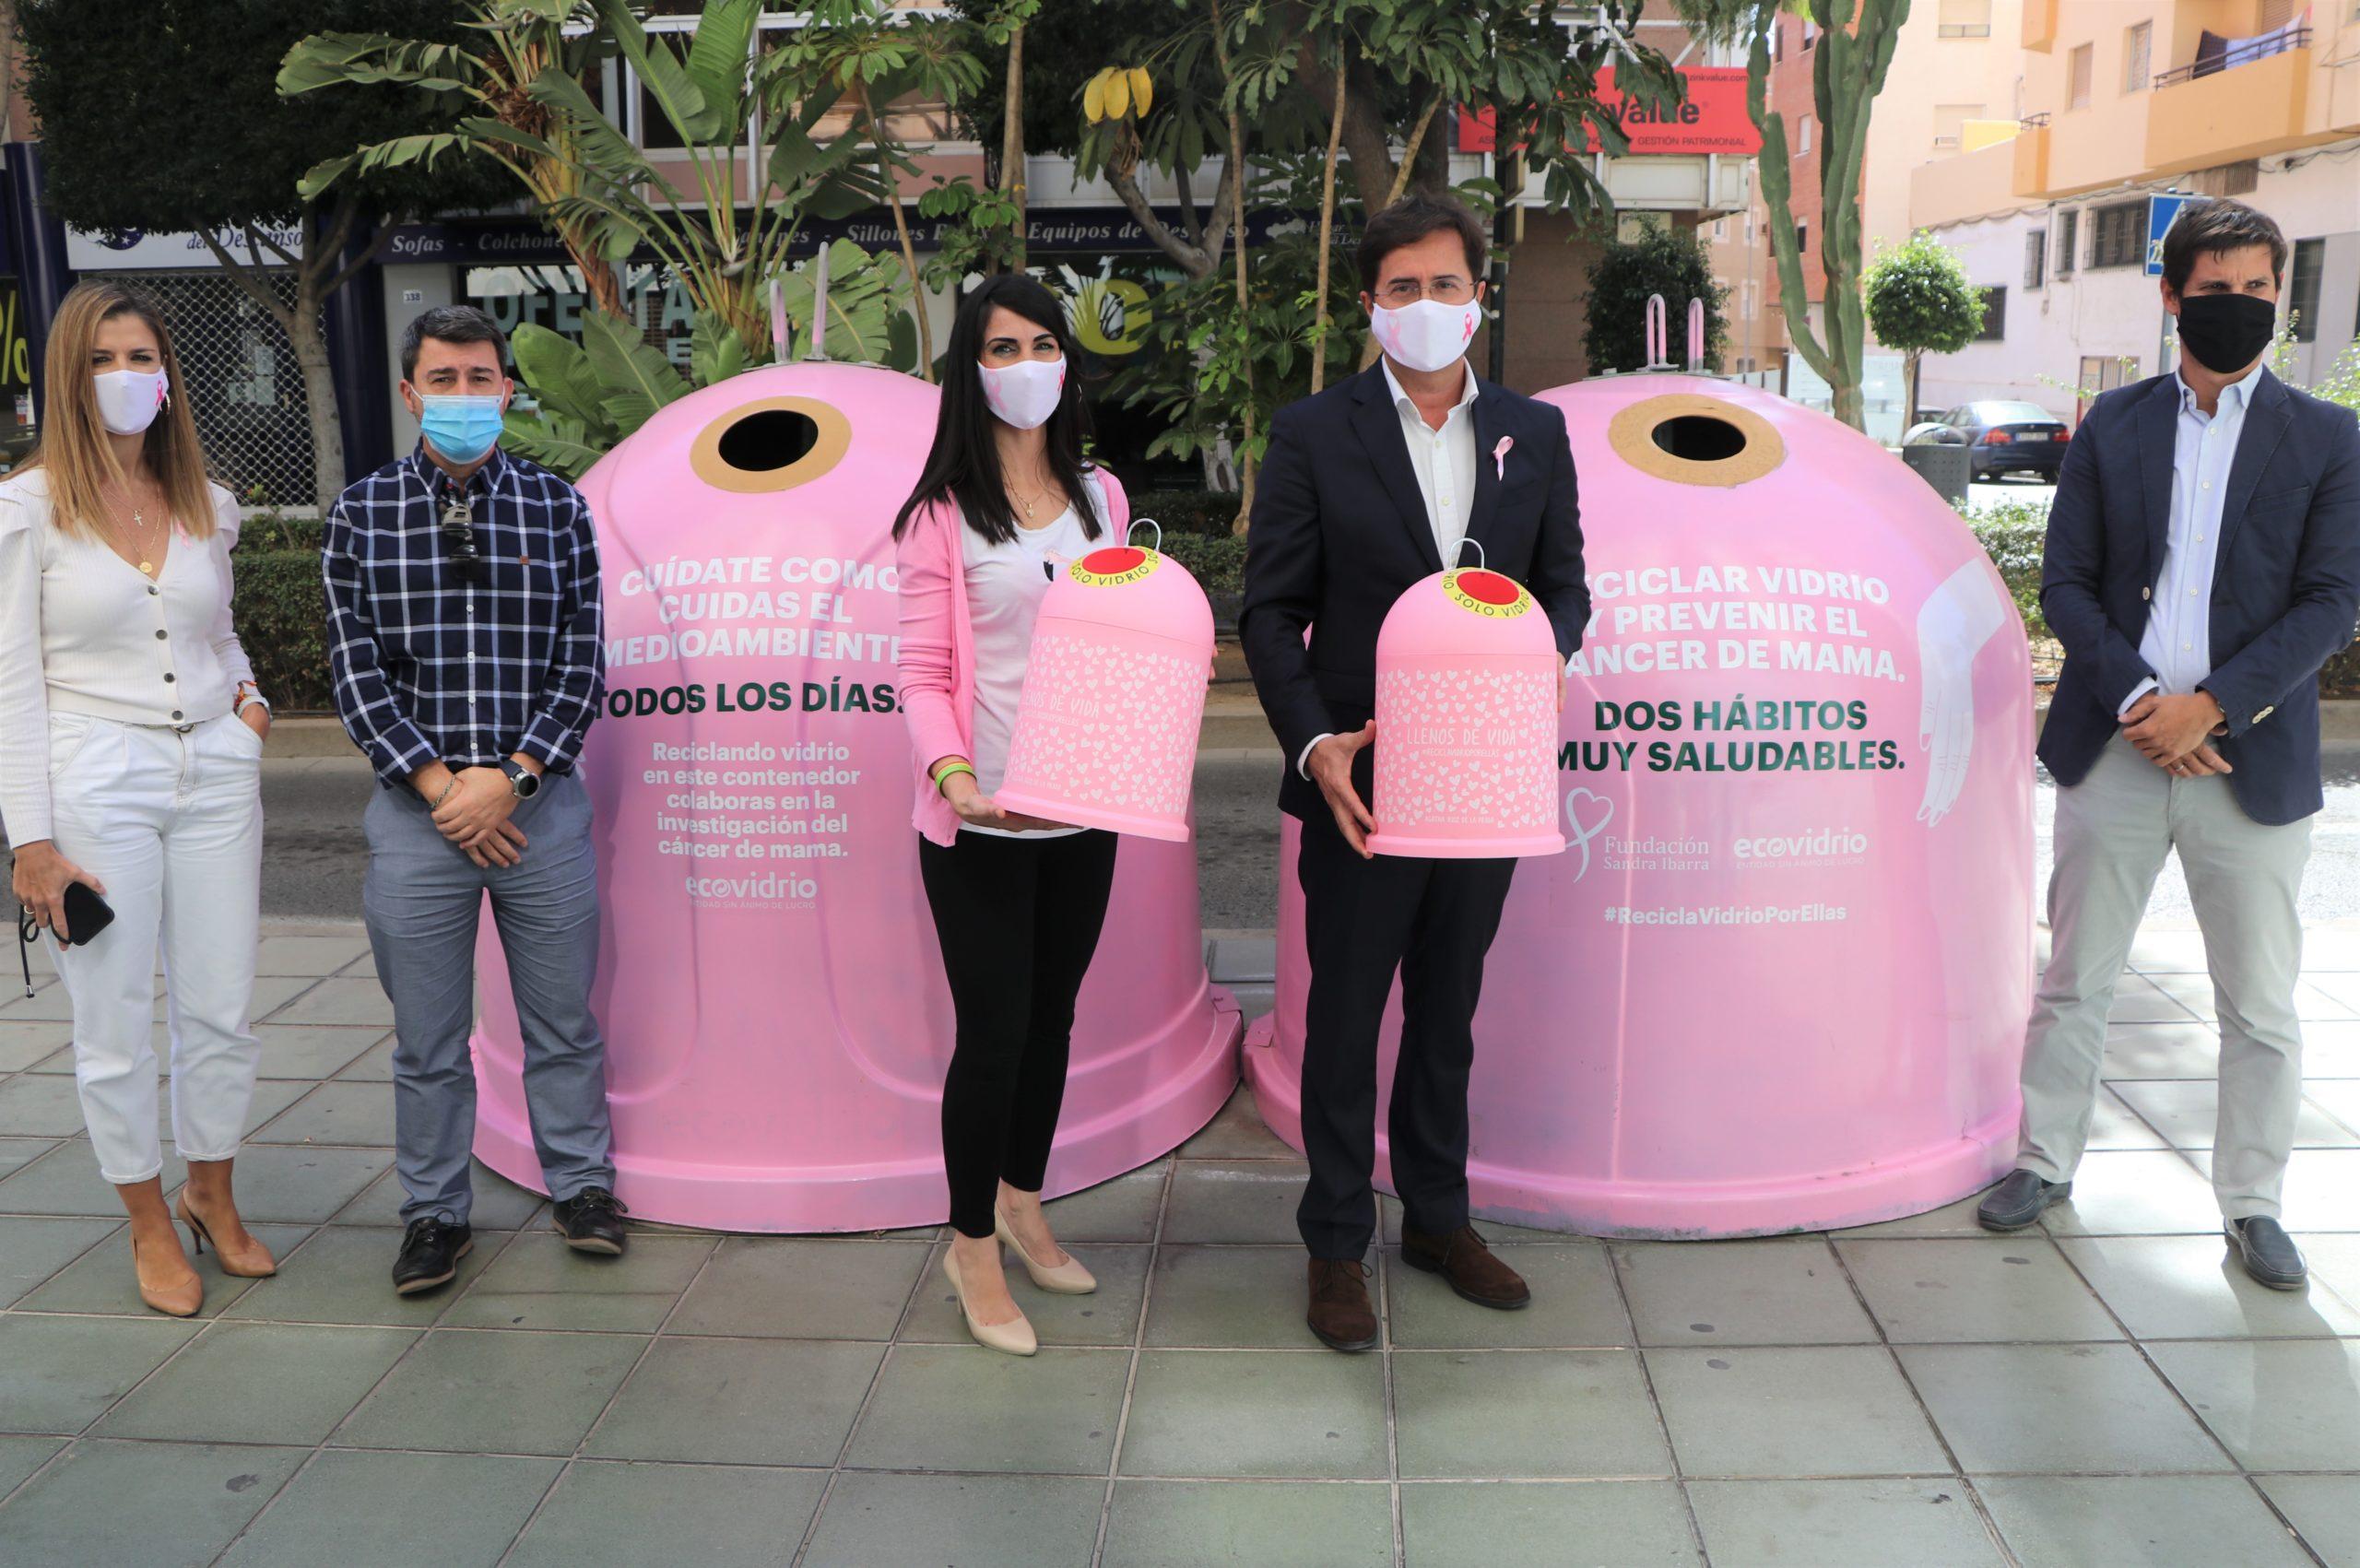 201019 Campaña Ecovidrio 1